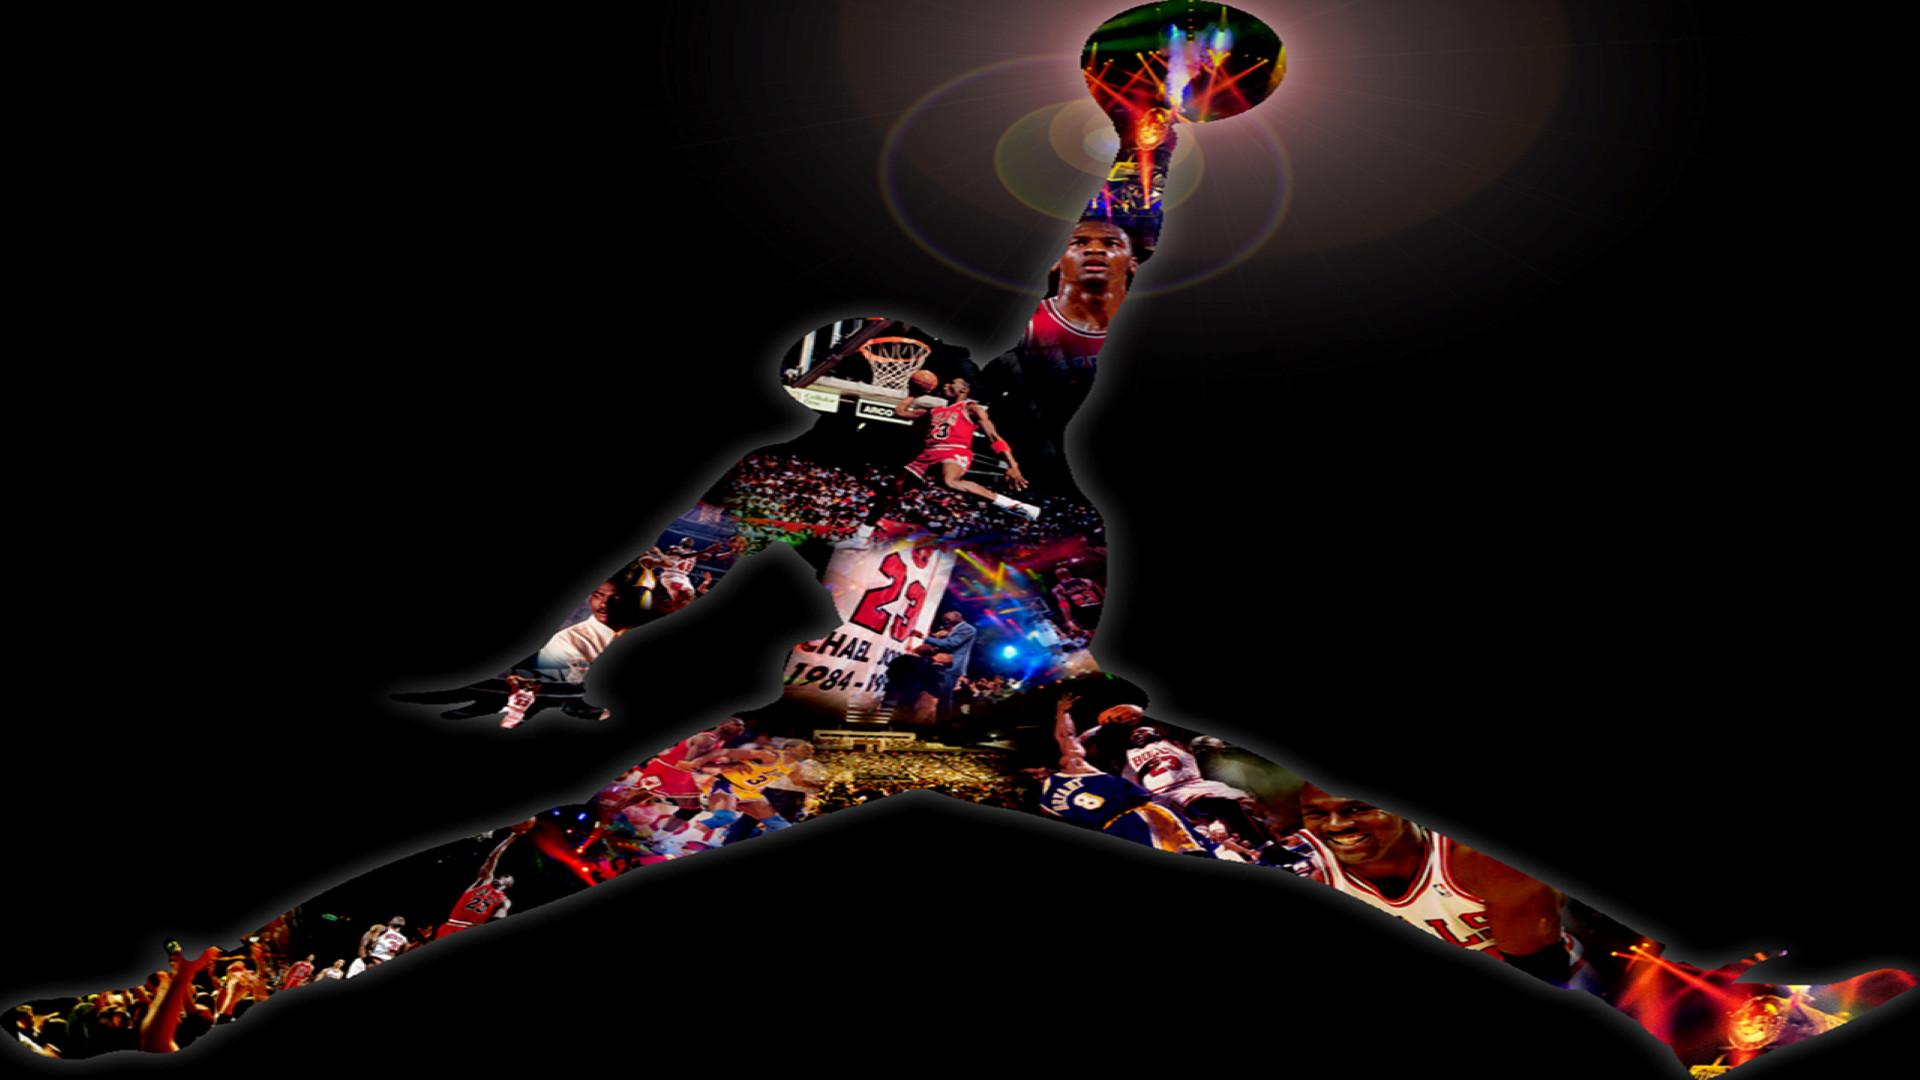 Michael Jordan Wallpaper 1080p: Michael Jordan HD Wallpaper (71+ Images